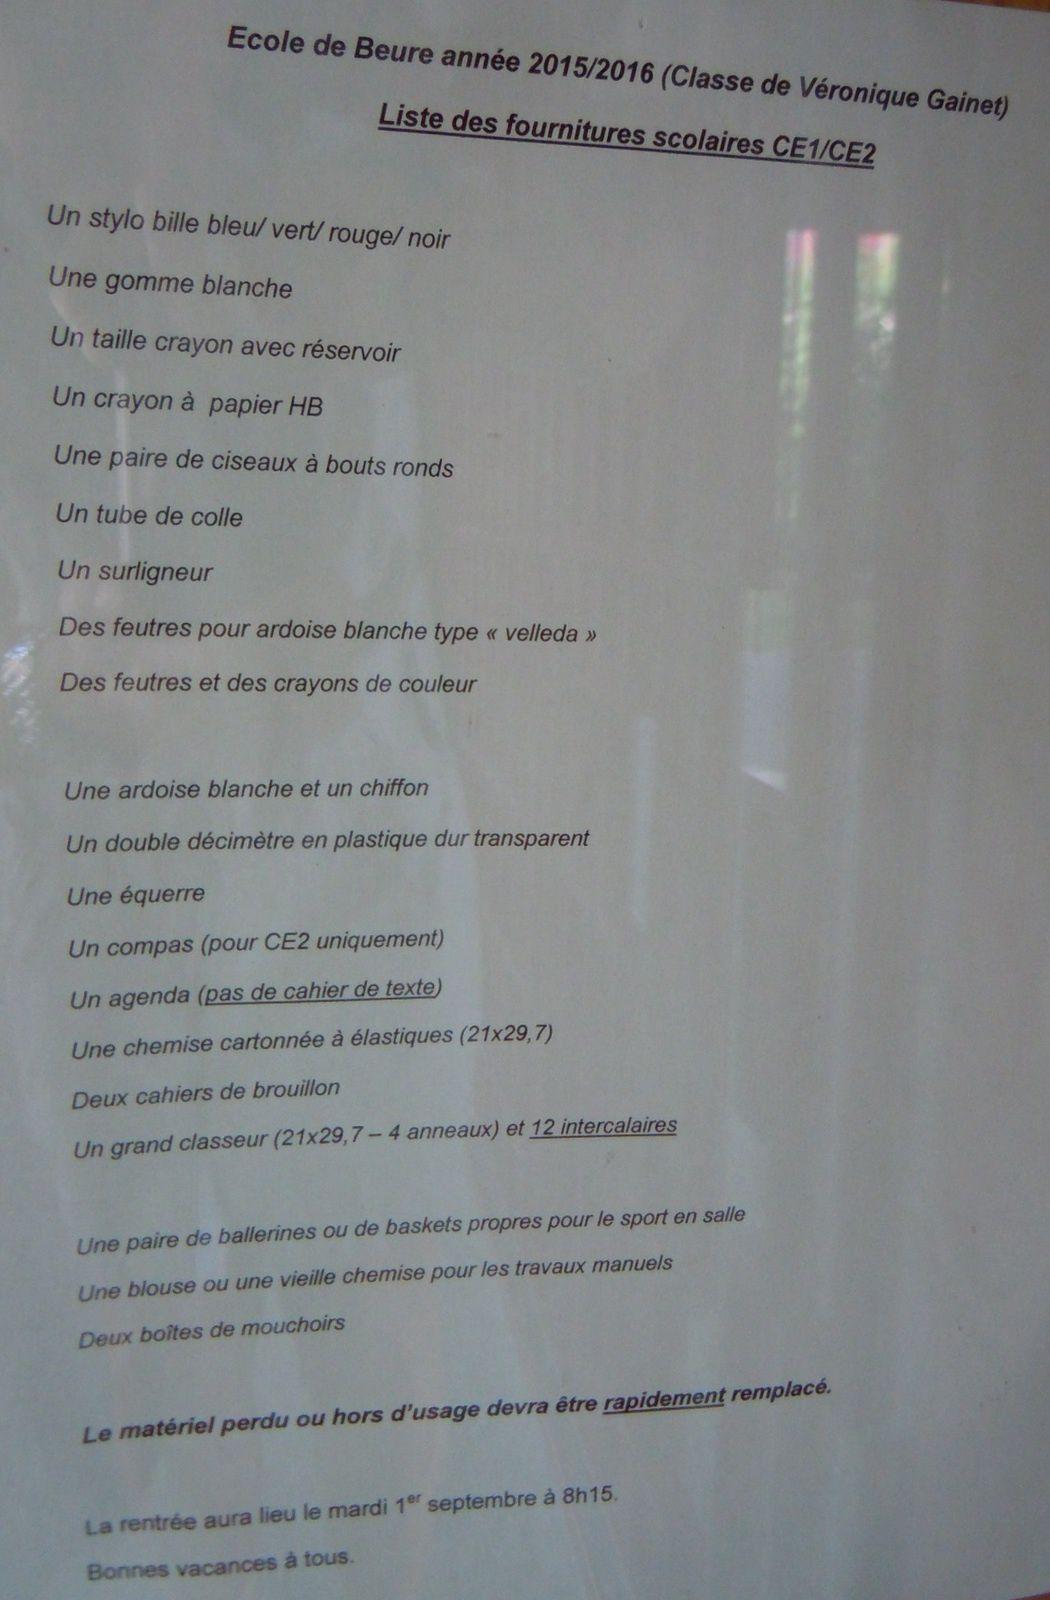 Listes des fournitures perdues : Elles sont ICI ...